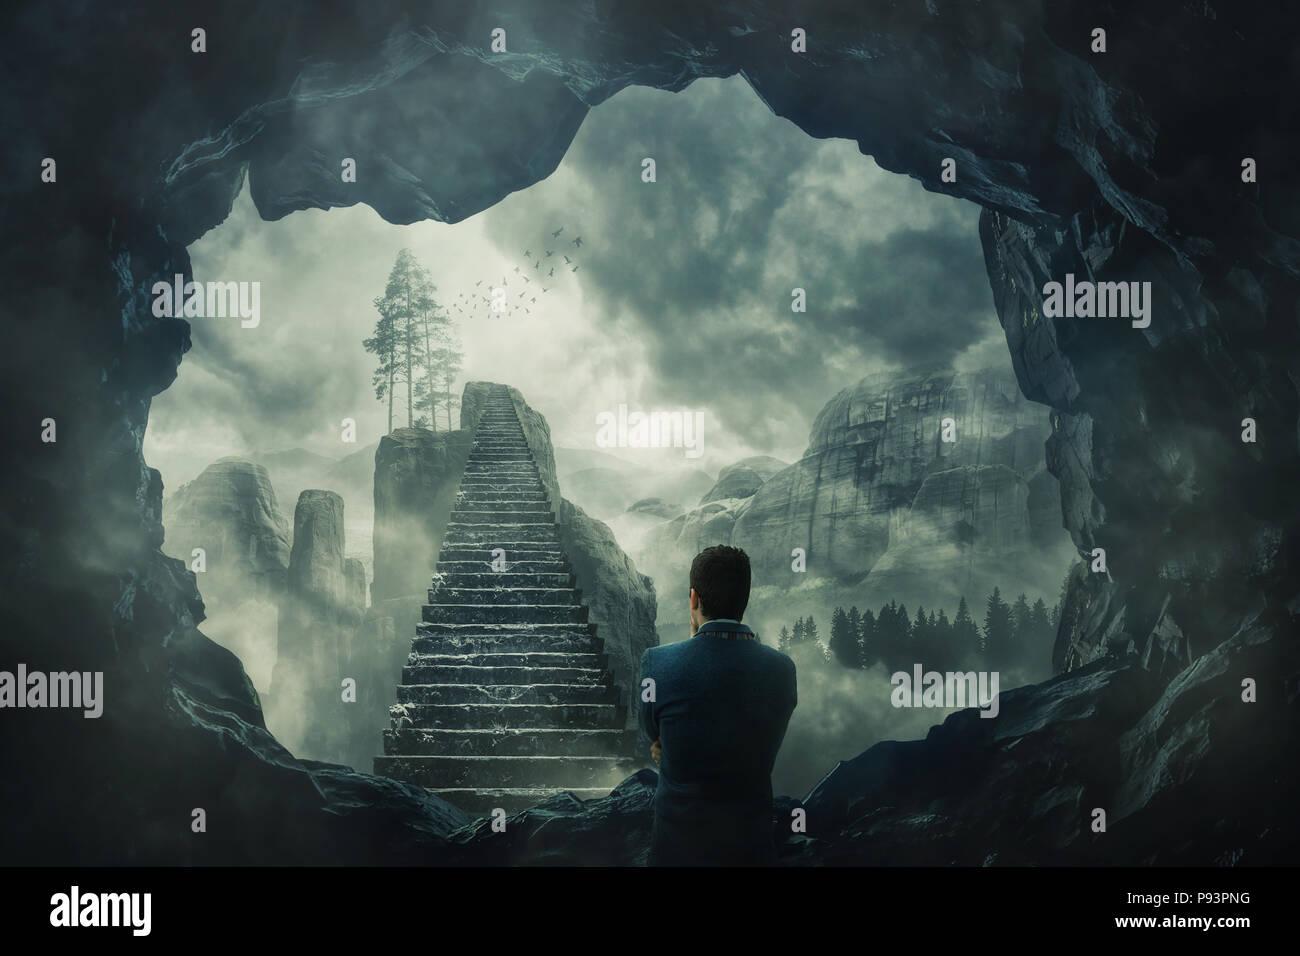 Vista surreale come un uomo di fuga da una grotta buia a stare di fronte ad una scala mistica attraversando il misty abisso andando fino al paradiso sconosciuto. Opportunità s Immagini Stock